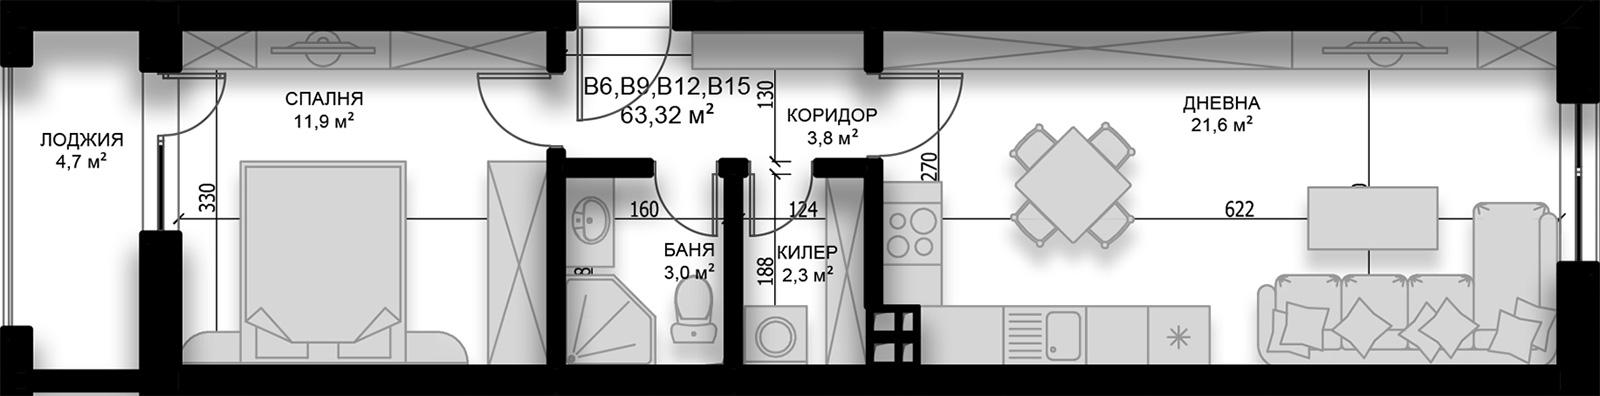 Апартамент 15